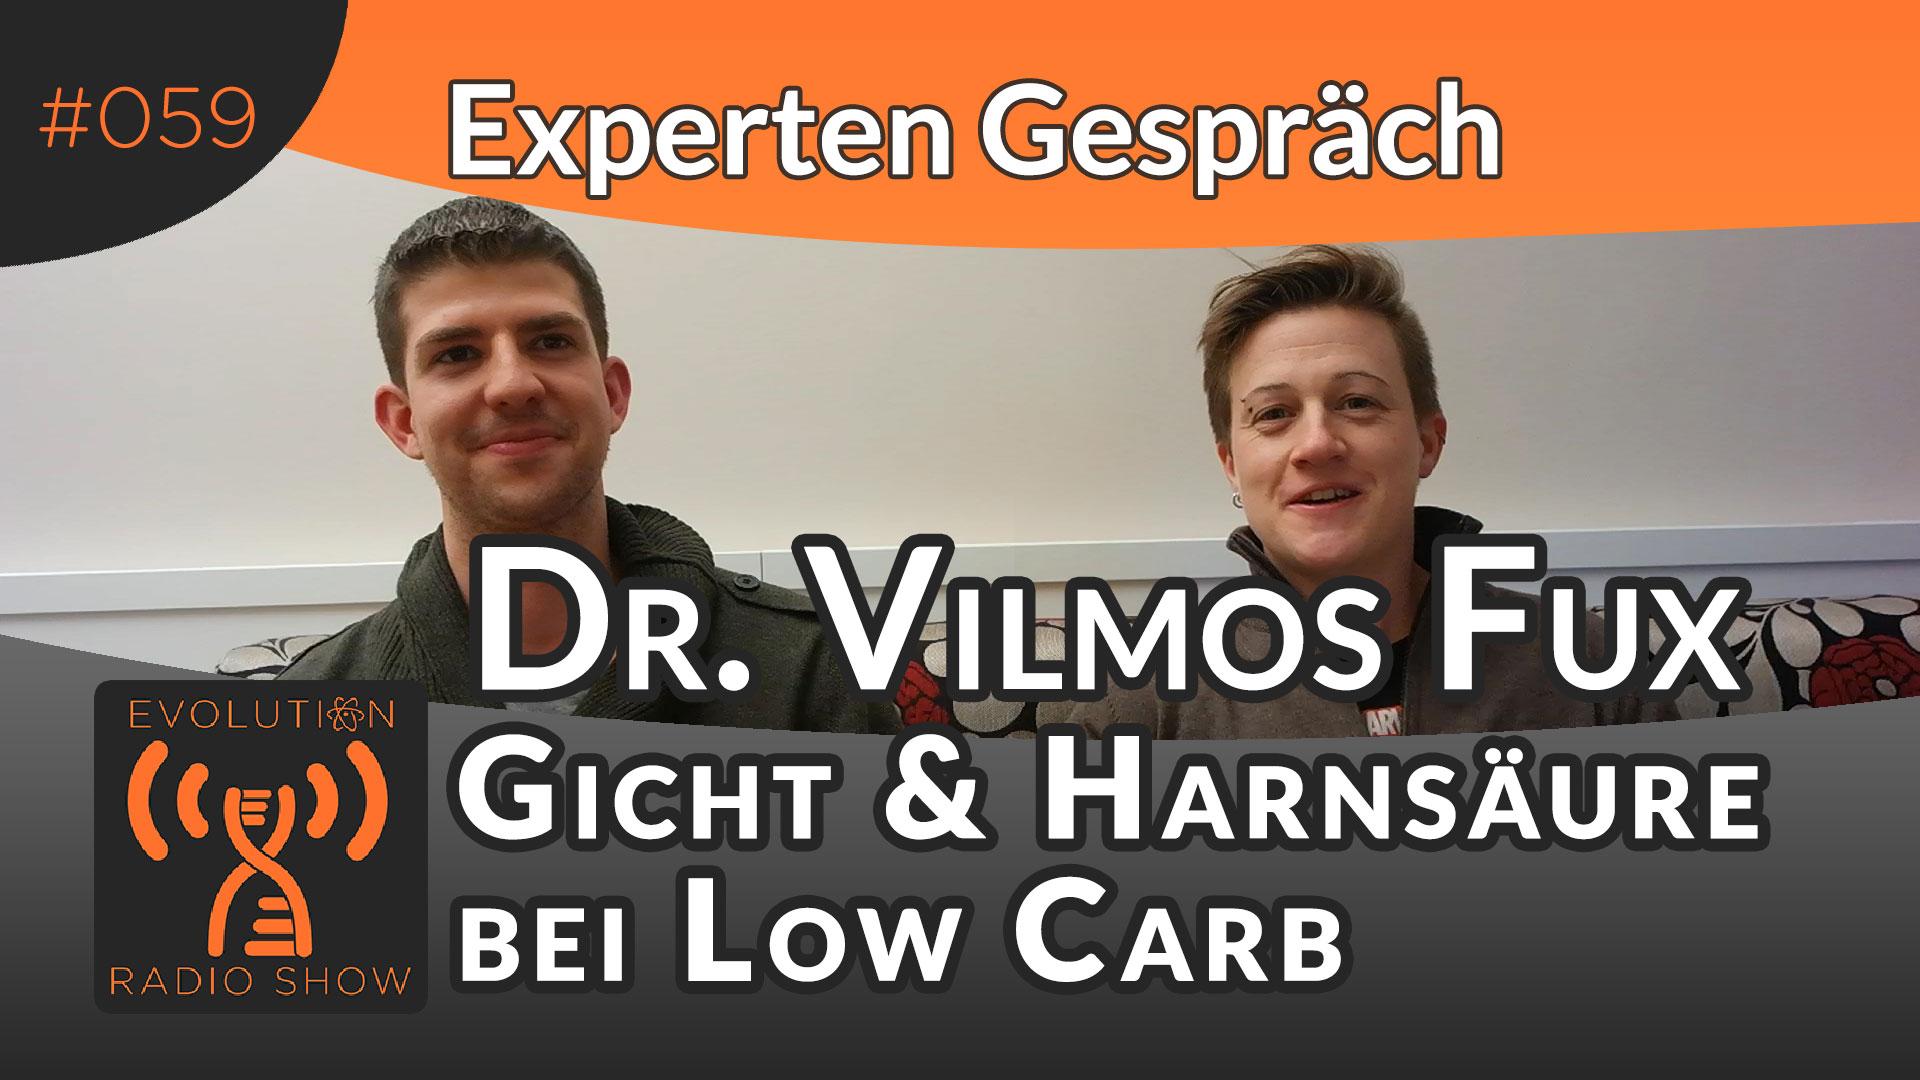 Evolution Radio Show Folge #059: Warum Gicht & Harnsäure bei Low Carb kein Problem sind - Experte Dr. Vilmos Fux